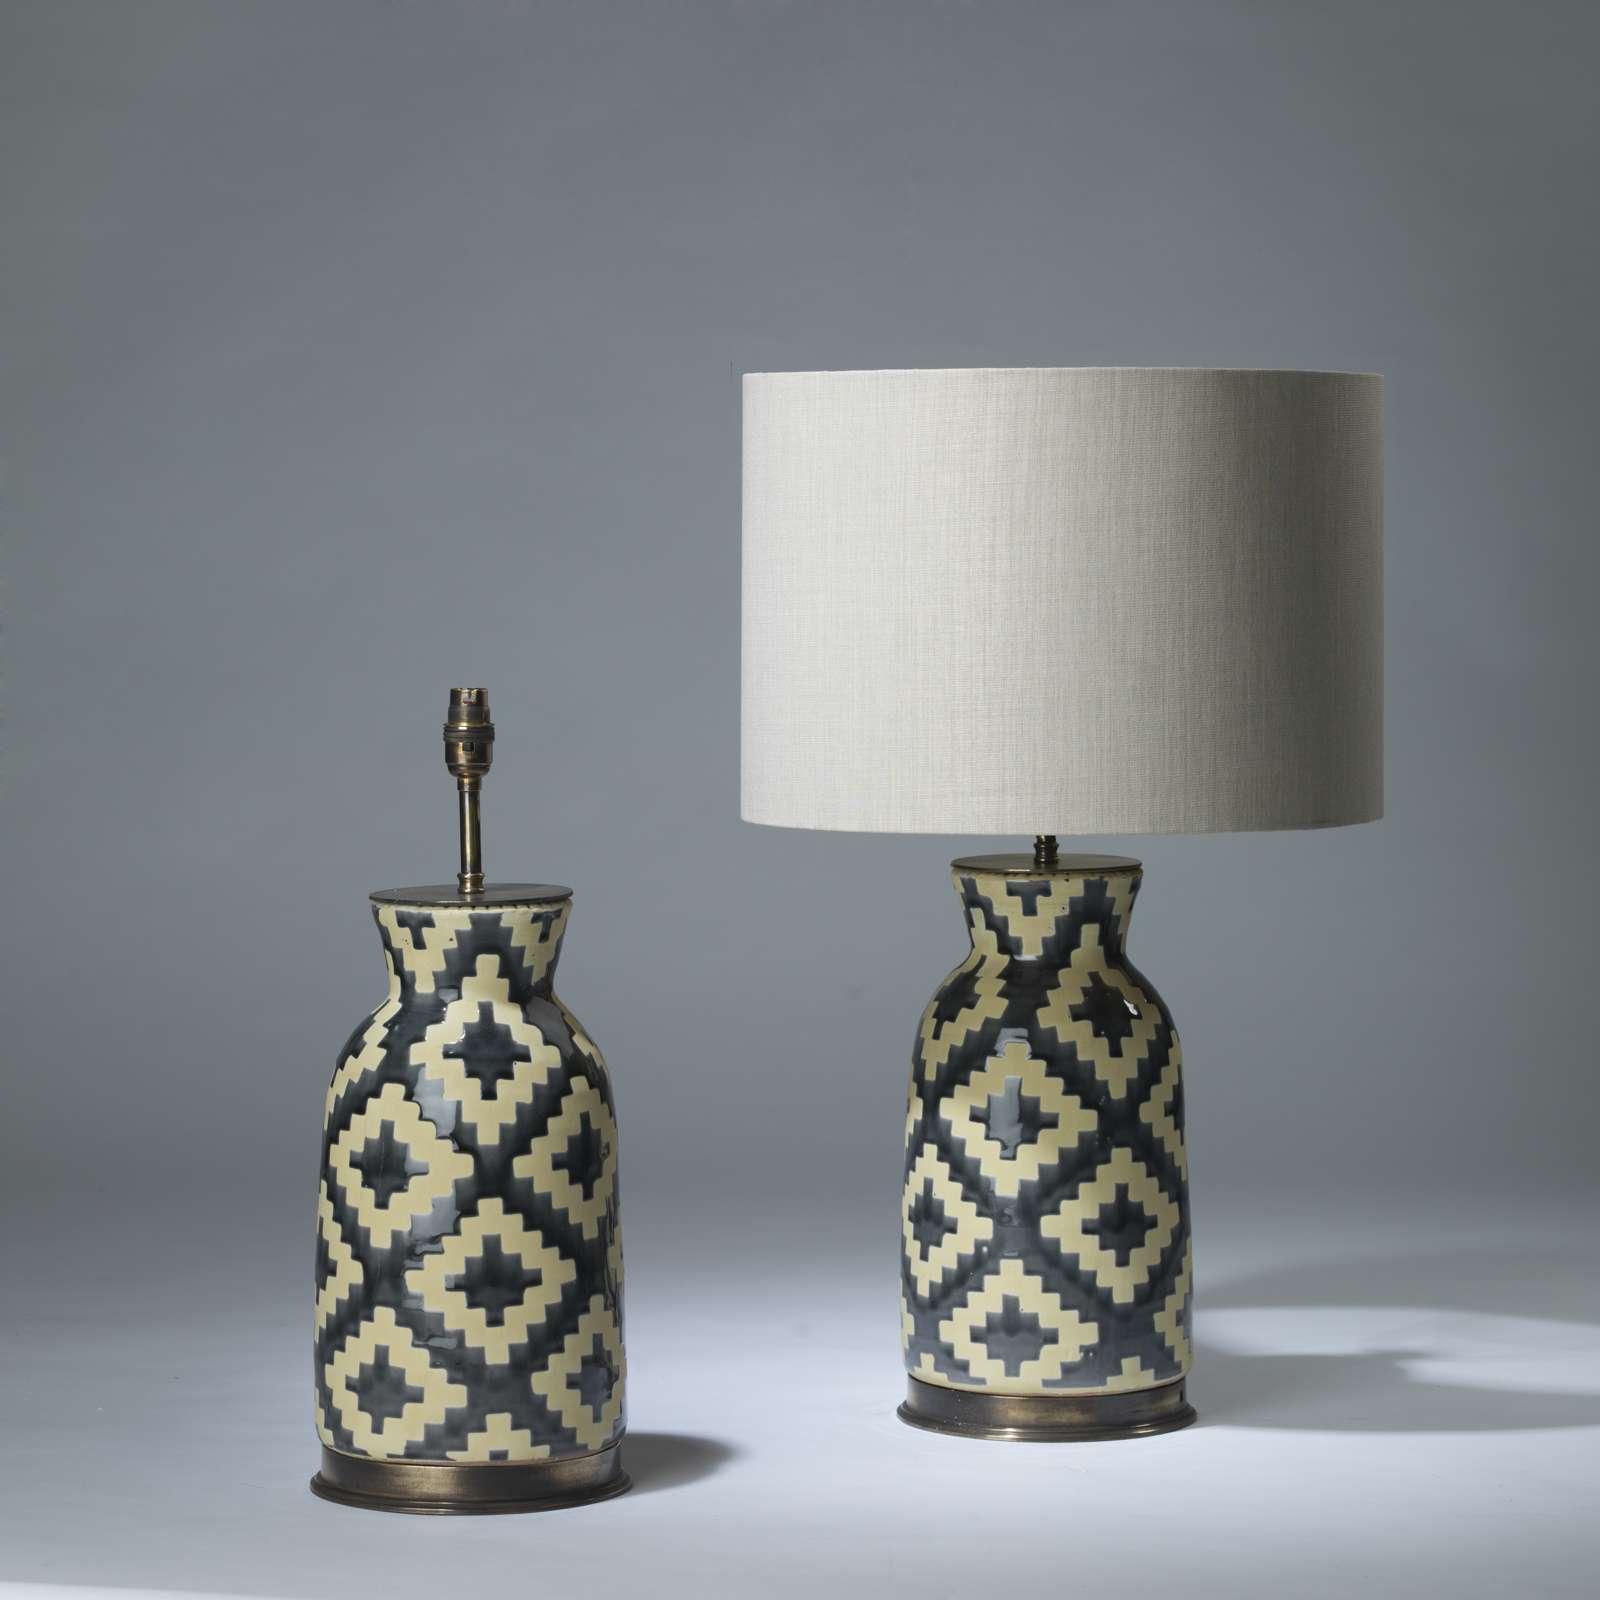 Pair Of Medium Dark Grey And Beige Ceramic Aztec Lamps On